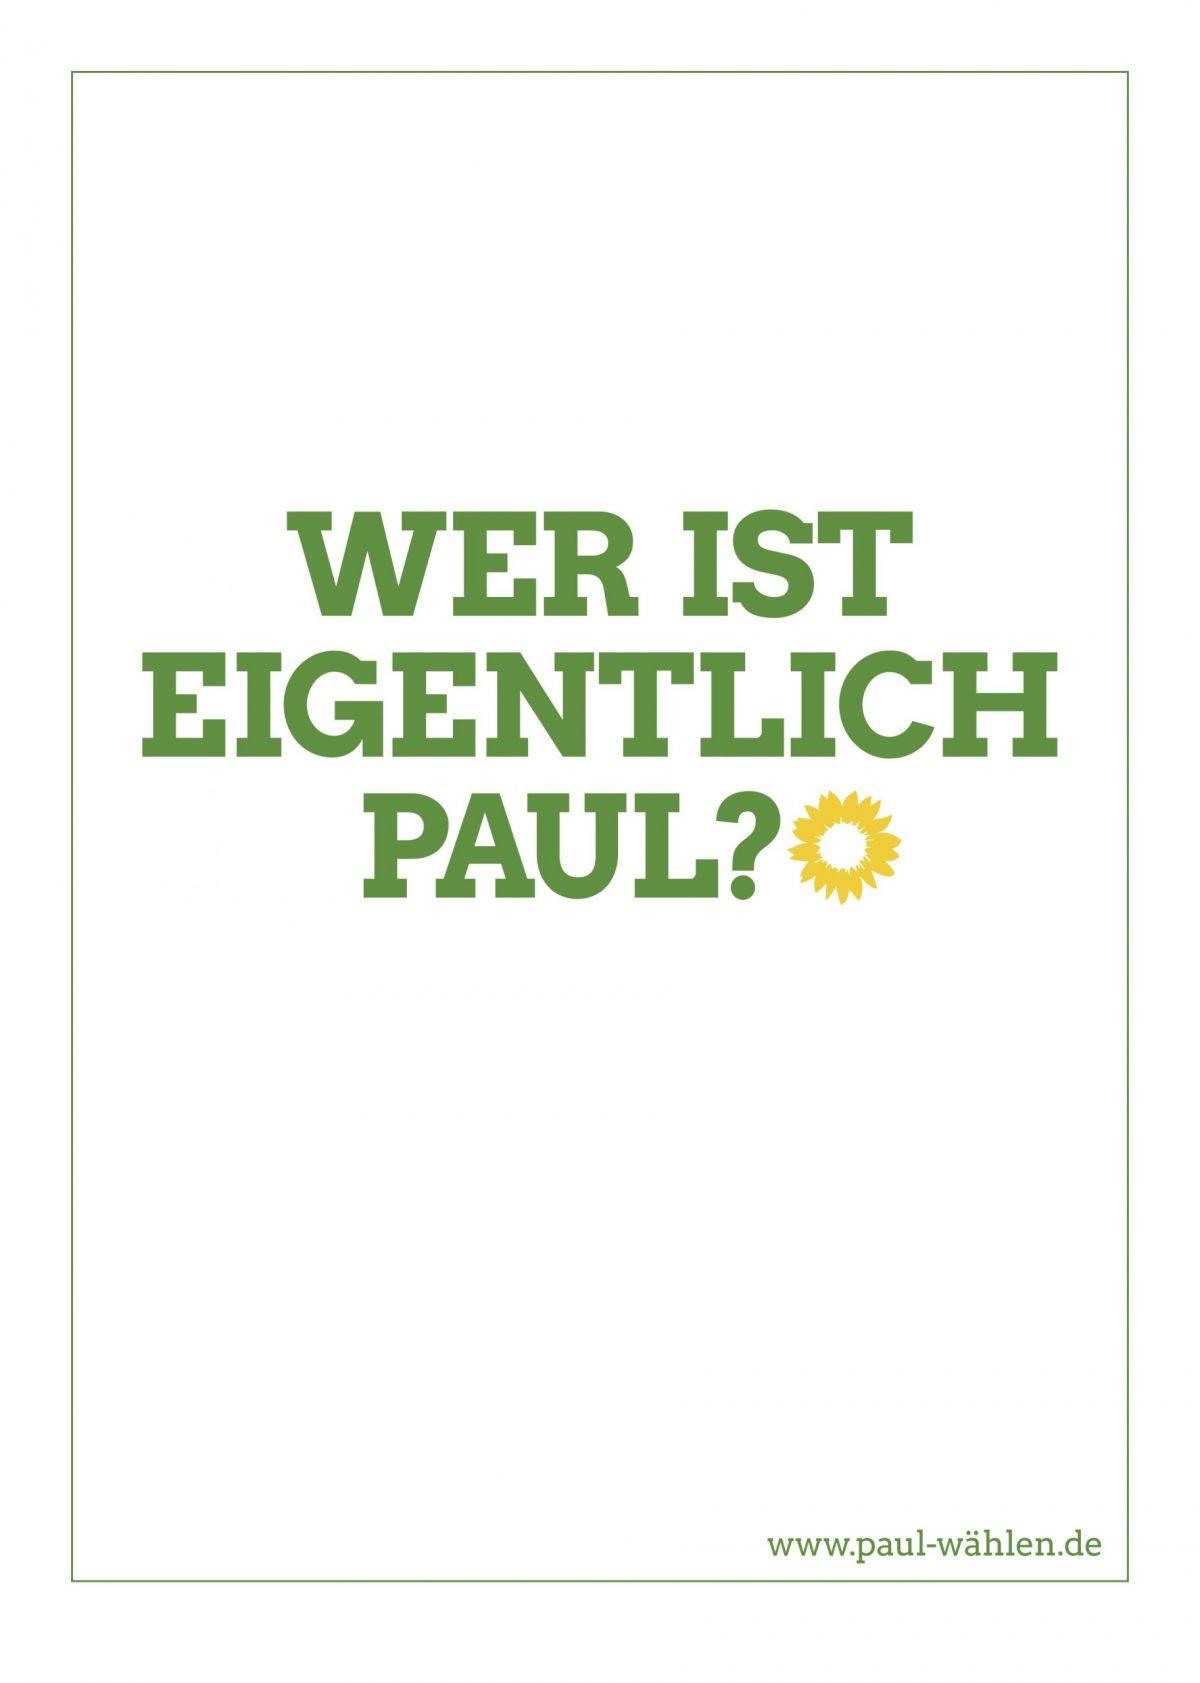 Anzeige wer ist eigentlich Paul?